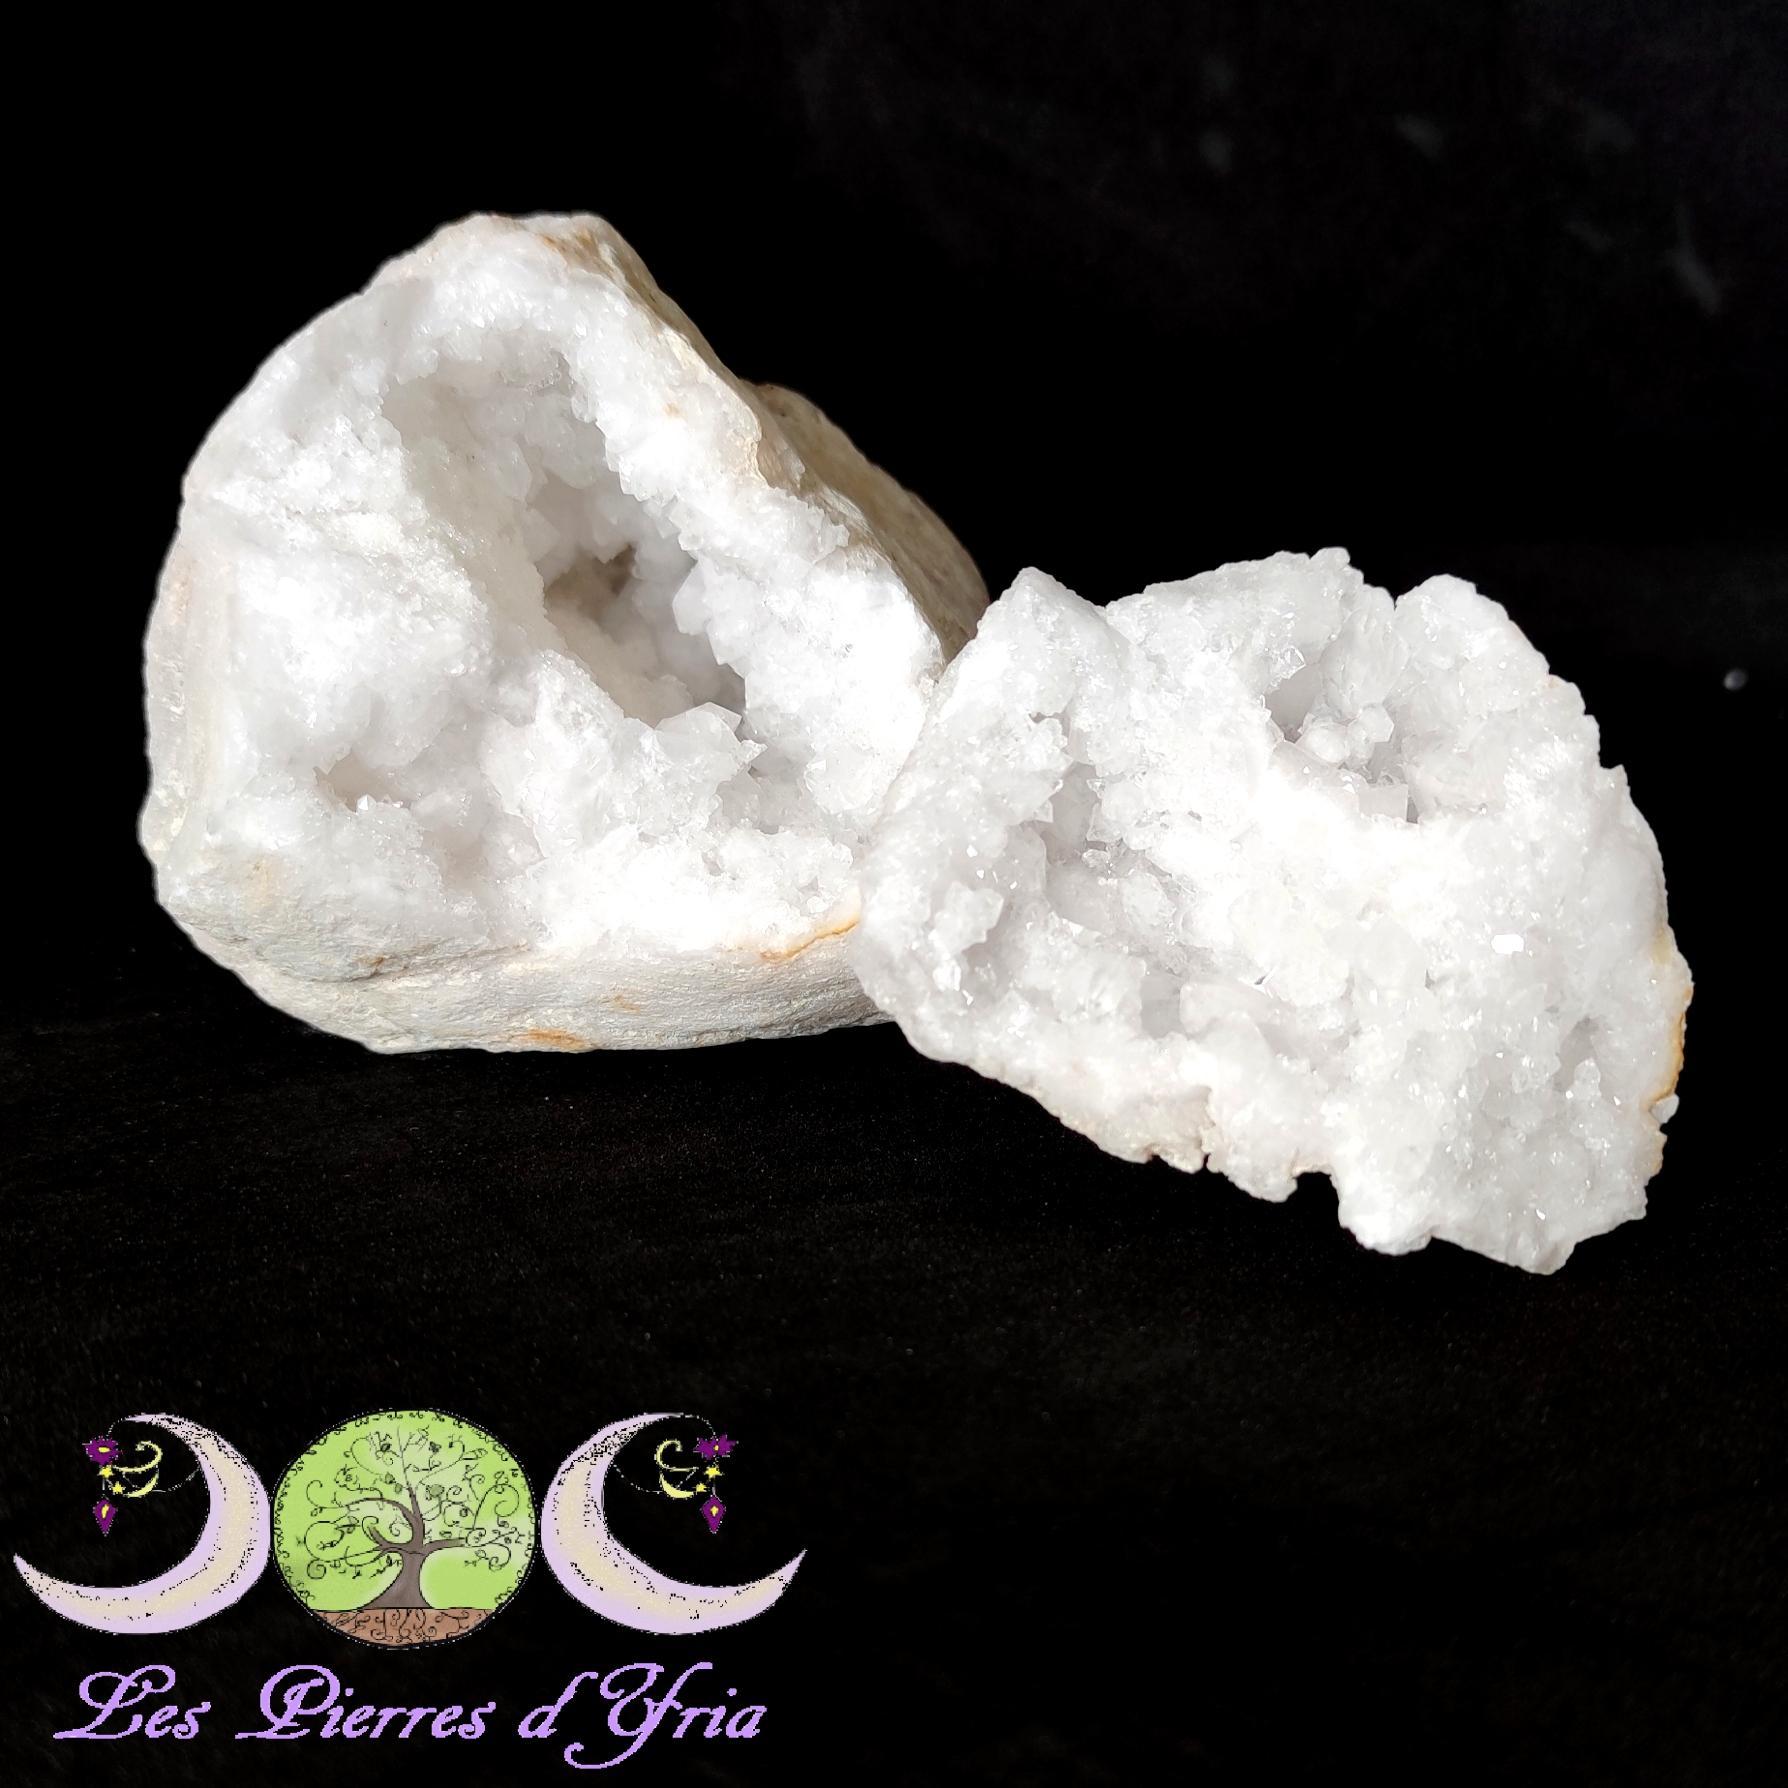 Geode 8 2 gf